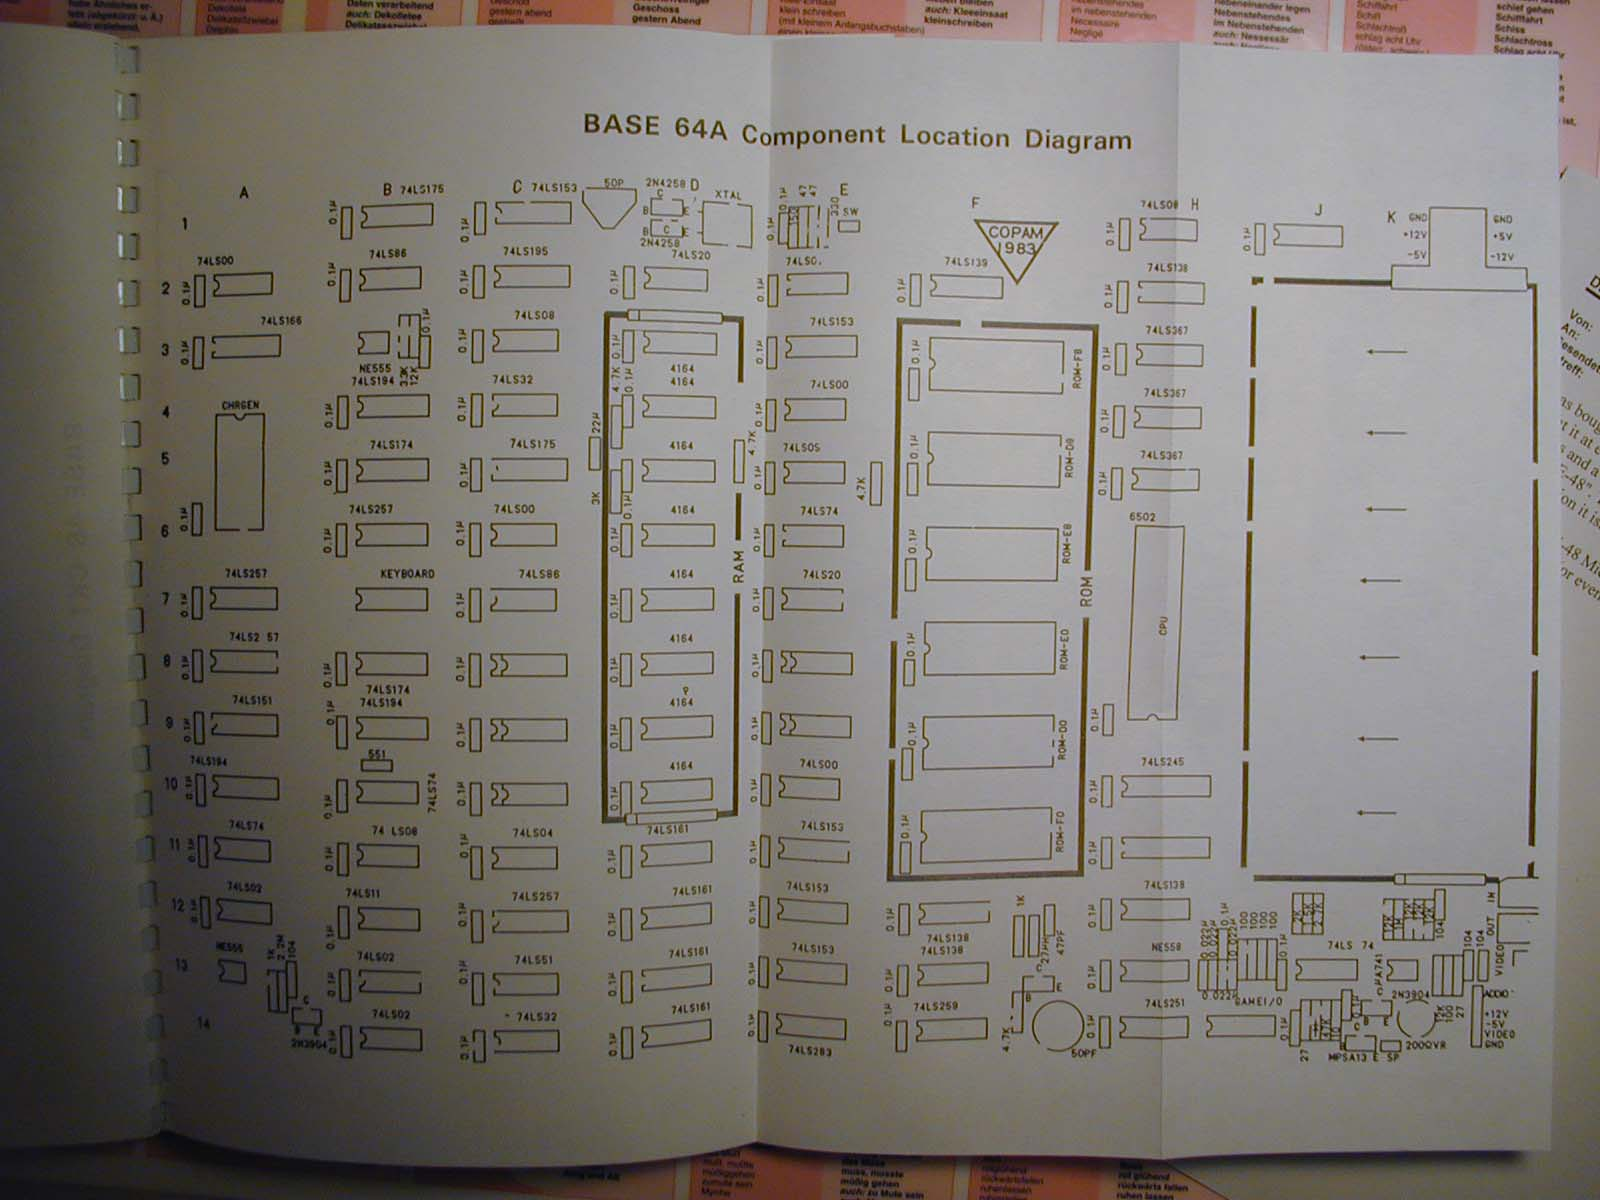 Base 48 - component diagram